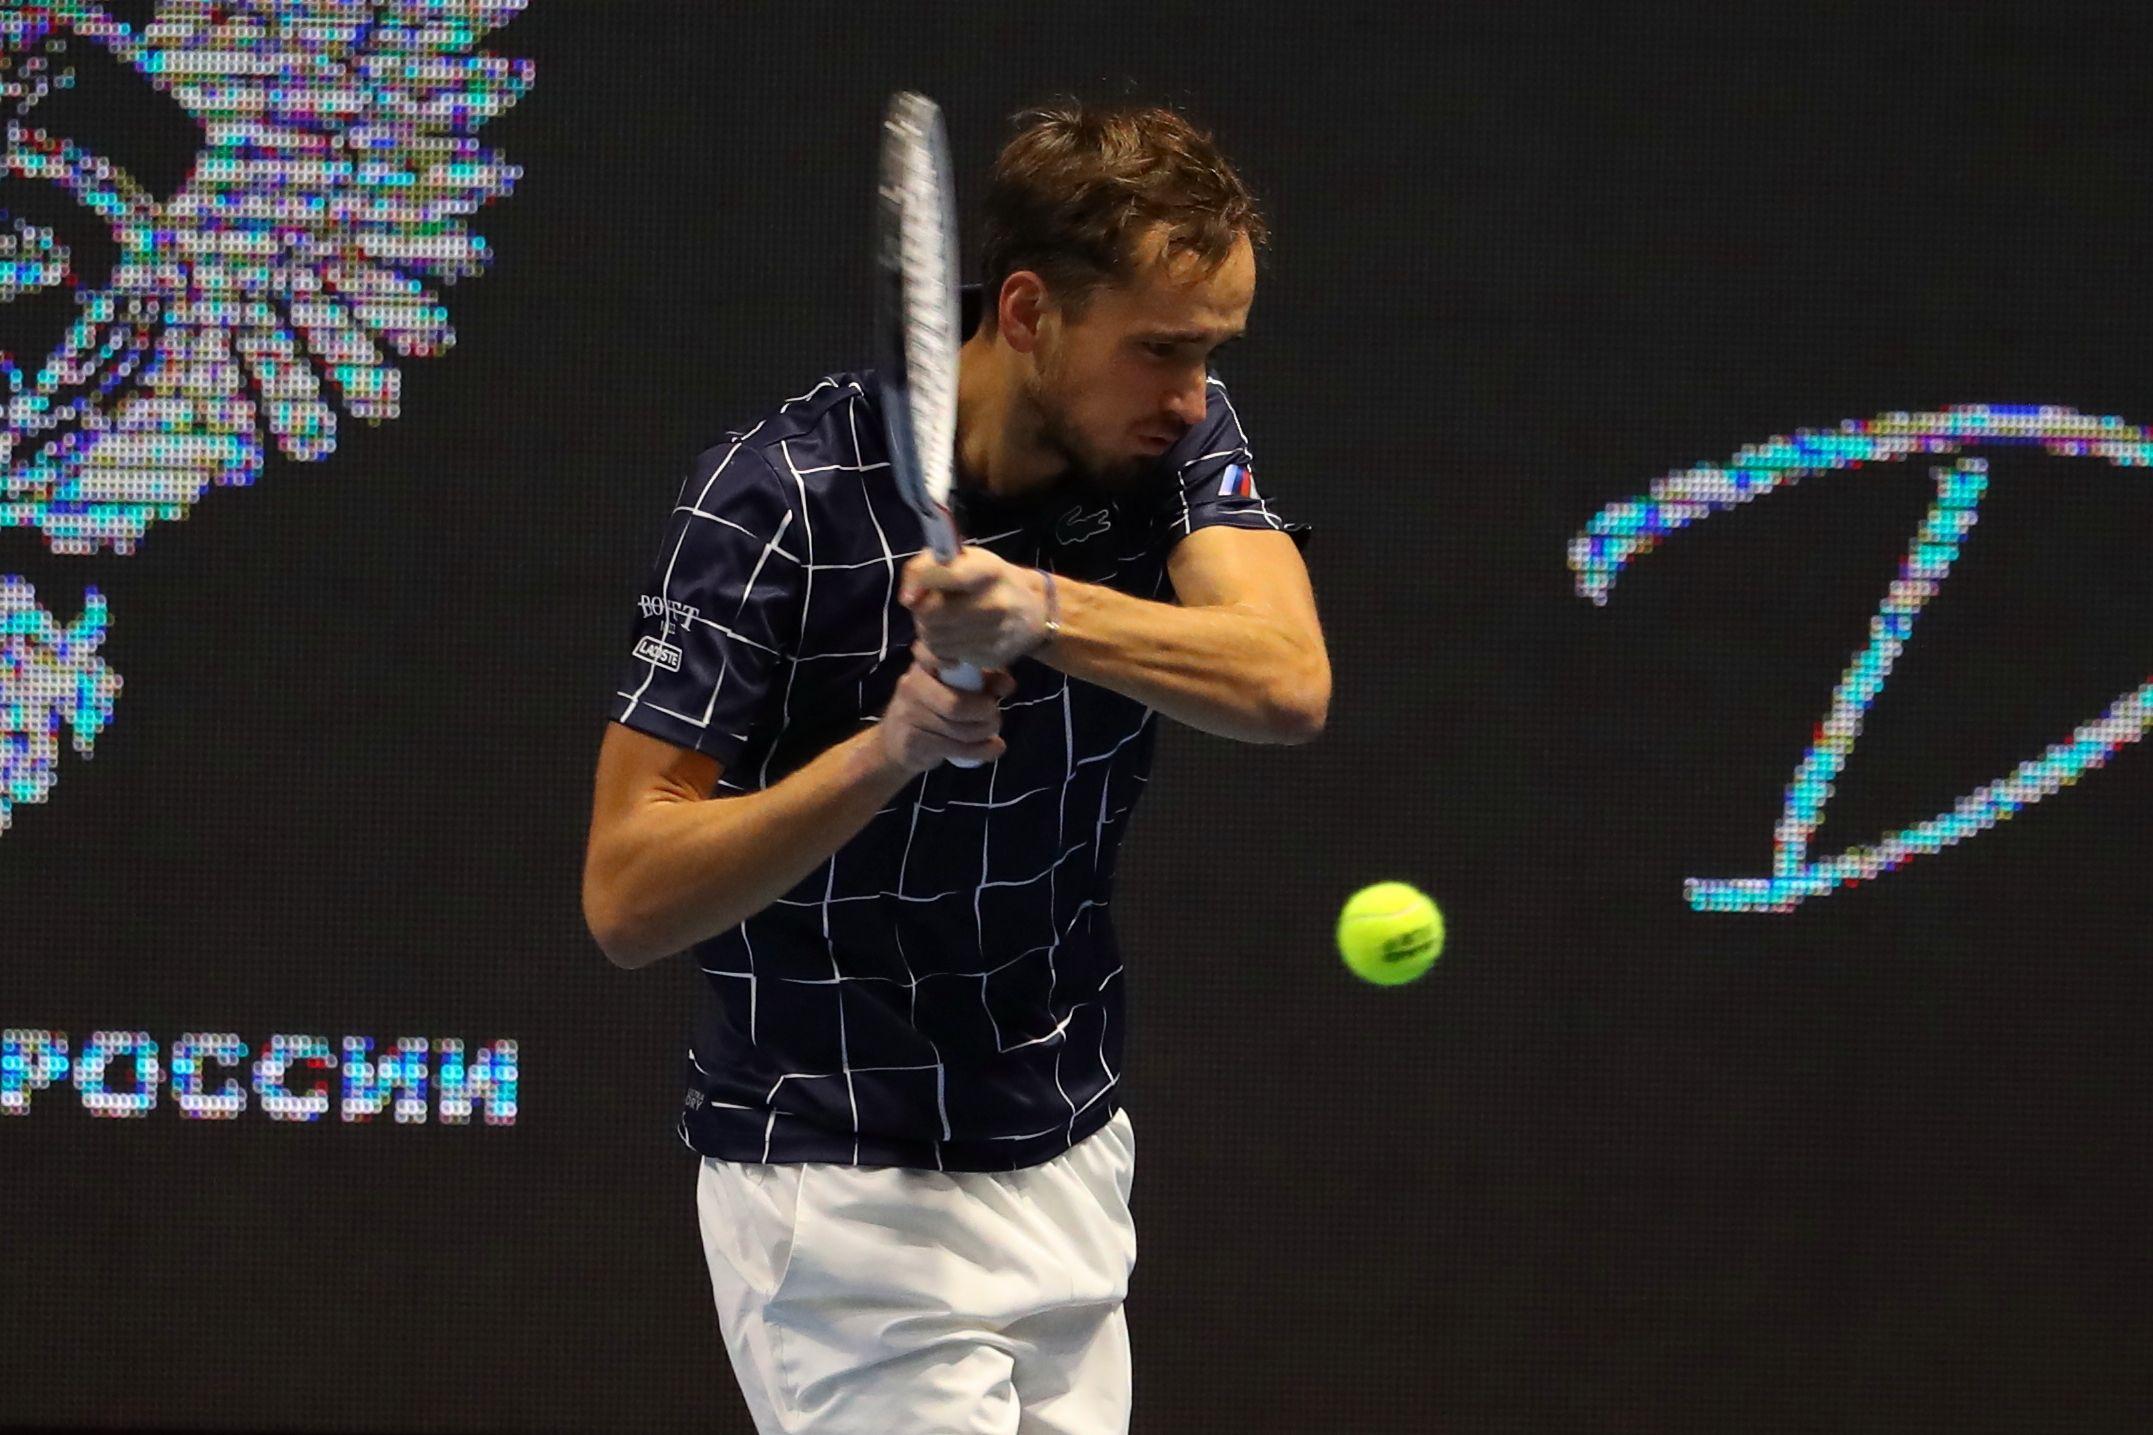 Ольховский: 'На Итоговом чемпионате ATP у Медведева вполне проходимая группа'